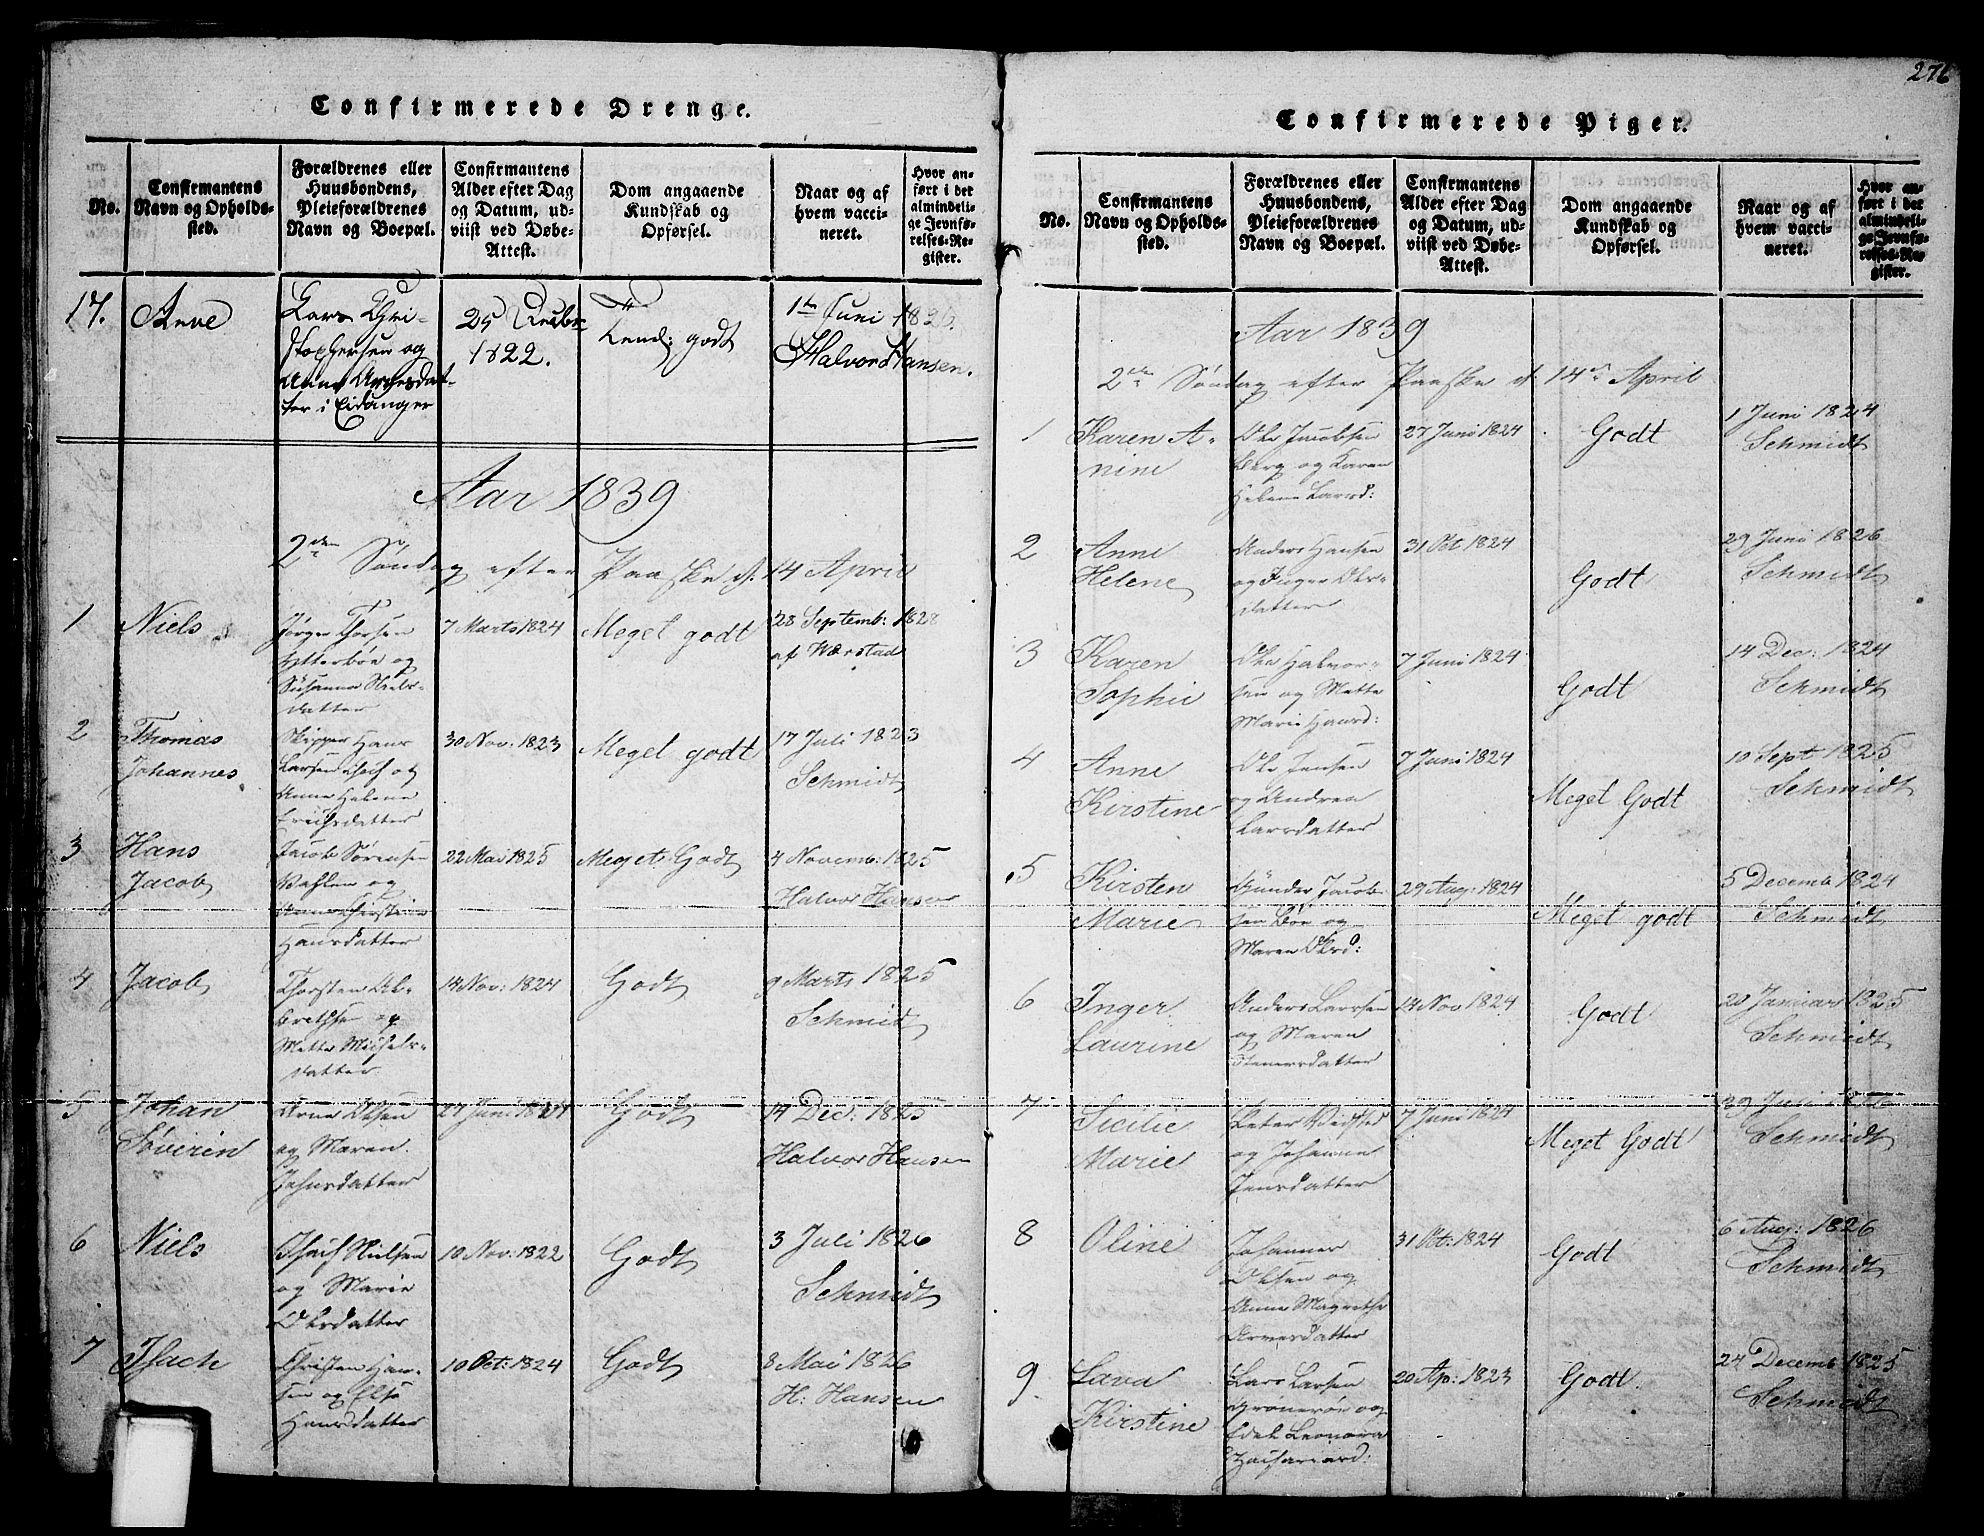 SAKO, Brevik kirkebøker, F/Fa/L0004: Ministerialbok nr. 4, 1814-1846, s. 276